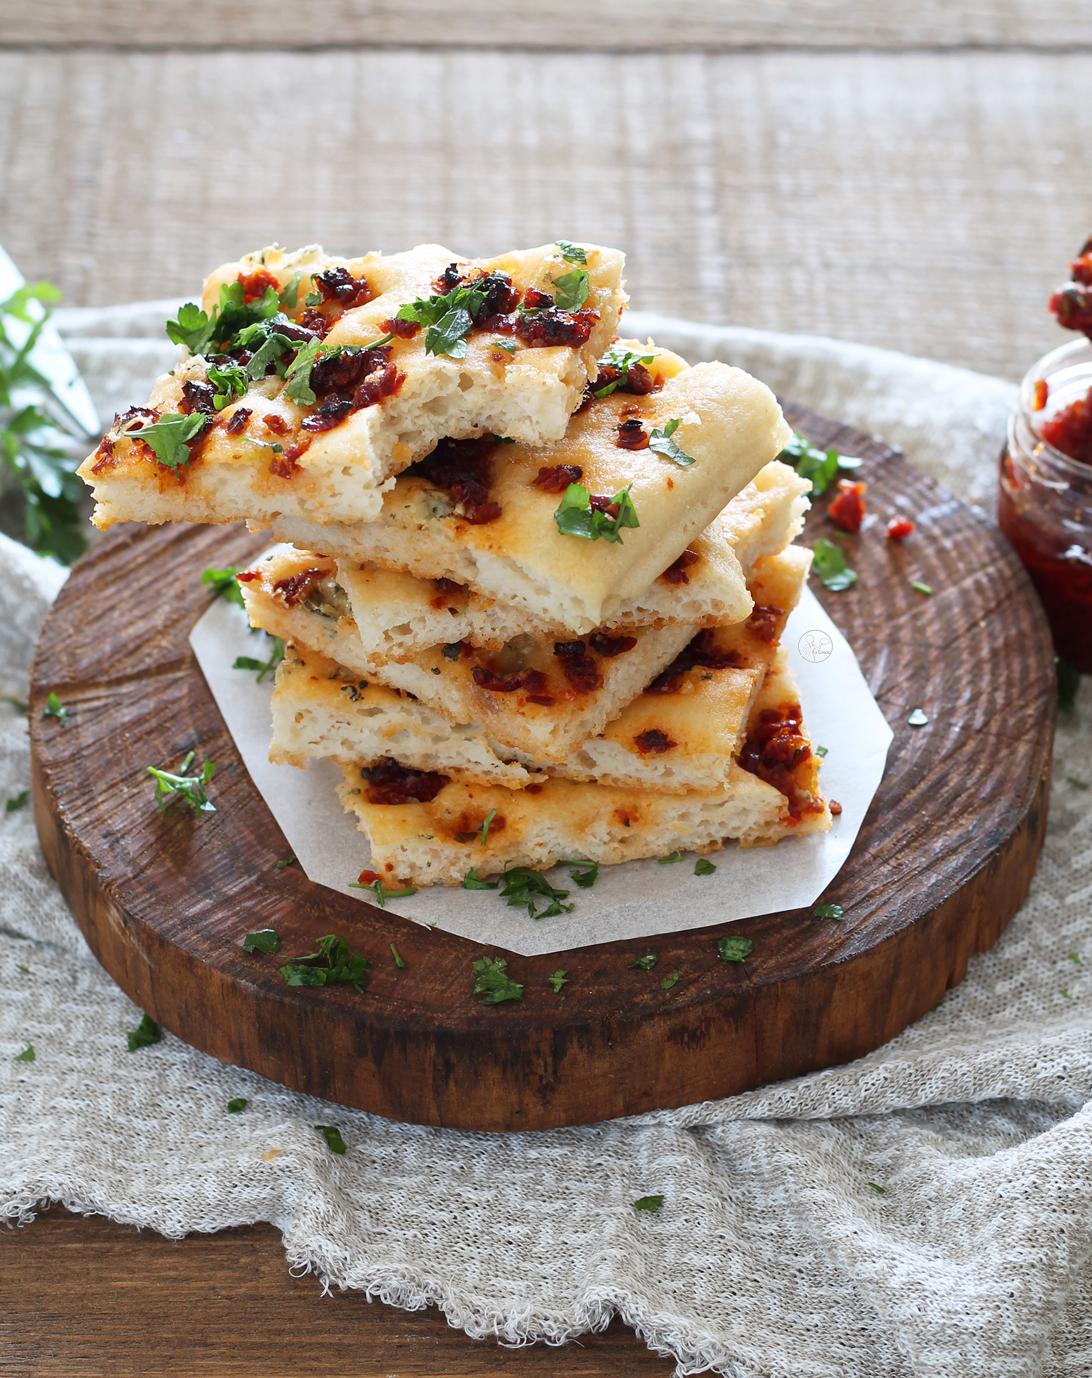 Focaccia senza glutine alla ricotta con pomodori e gorgonzola - La Cassata Celiaca